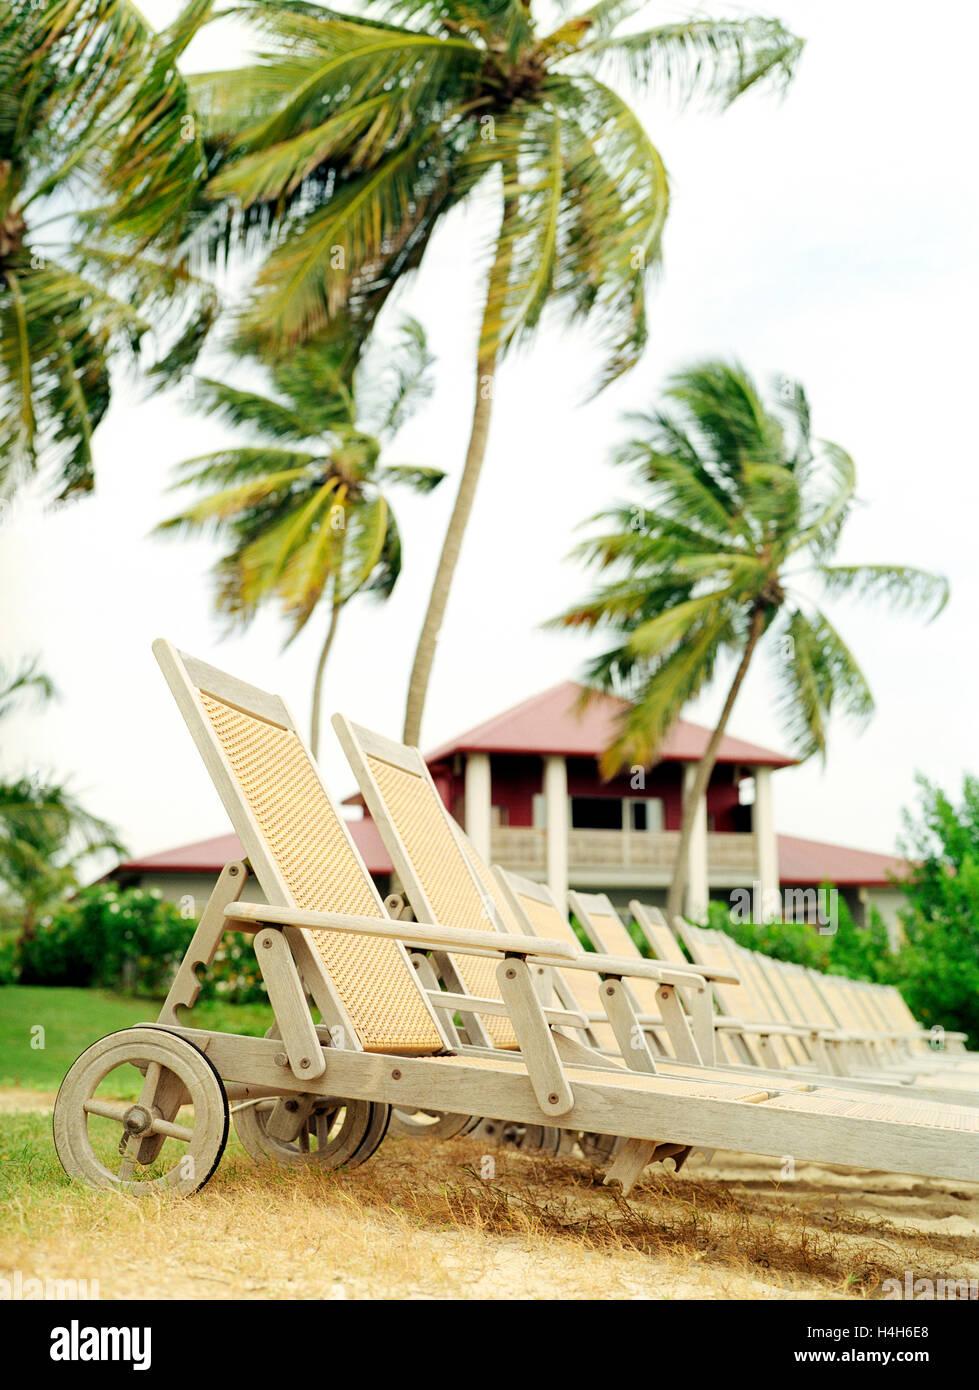 Sedie a sdraio al Cap Est Lagoon Resort & Spa. Cap Est, Martinica. Caraibi Orientali. Immagini Stock